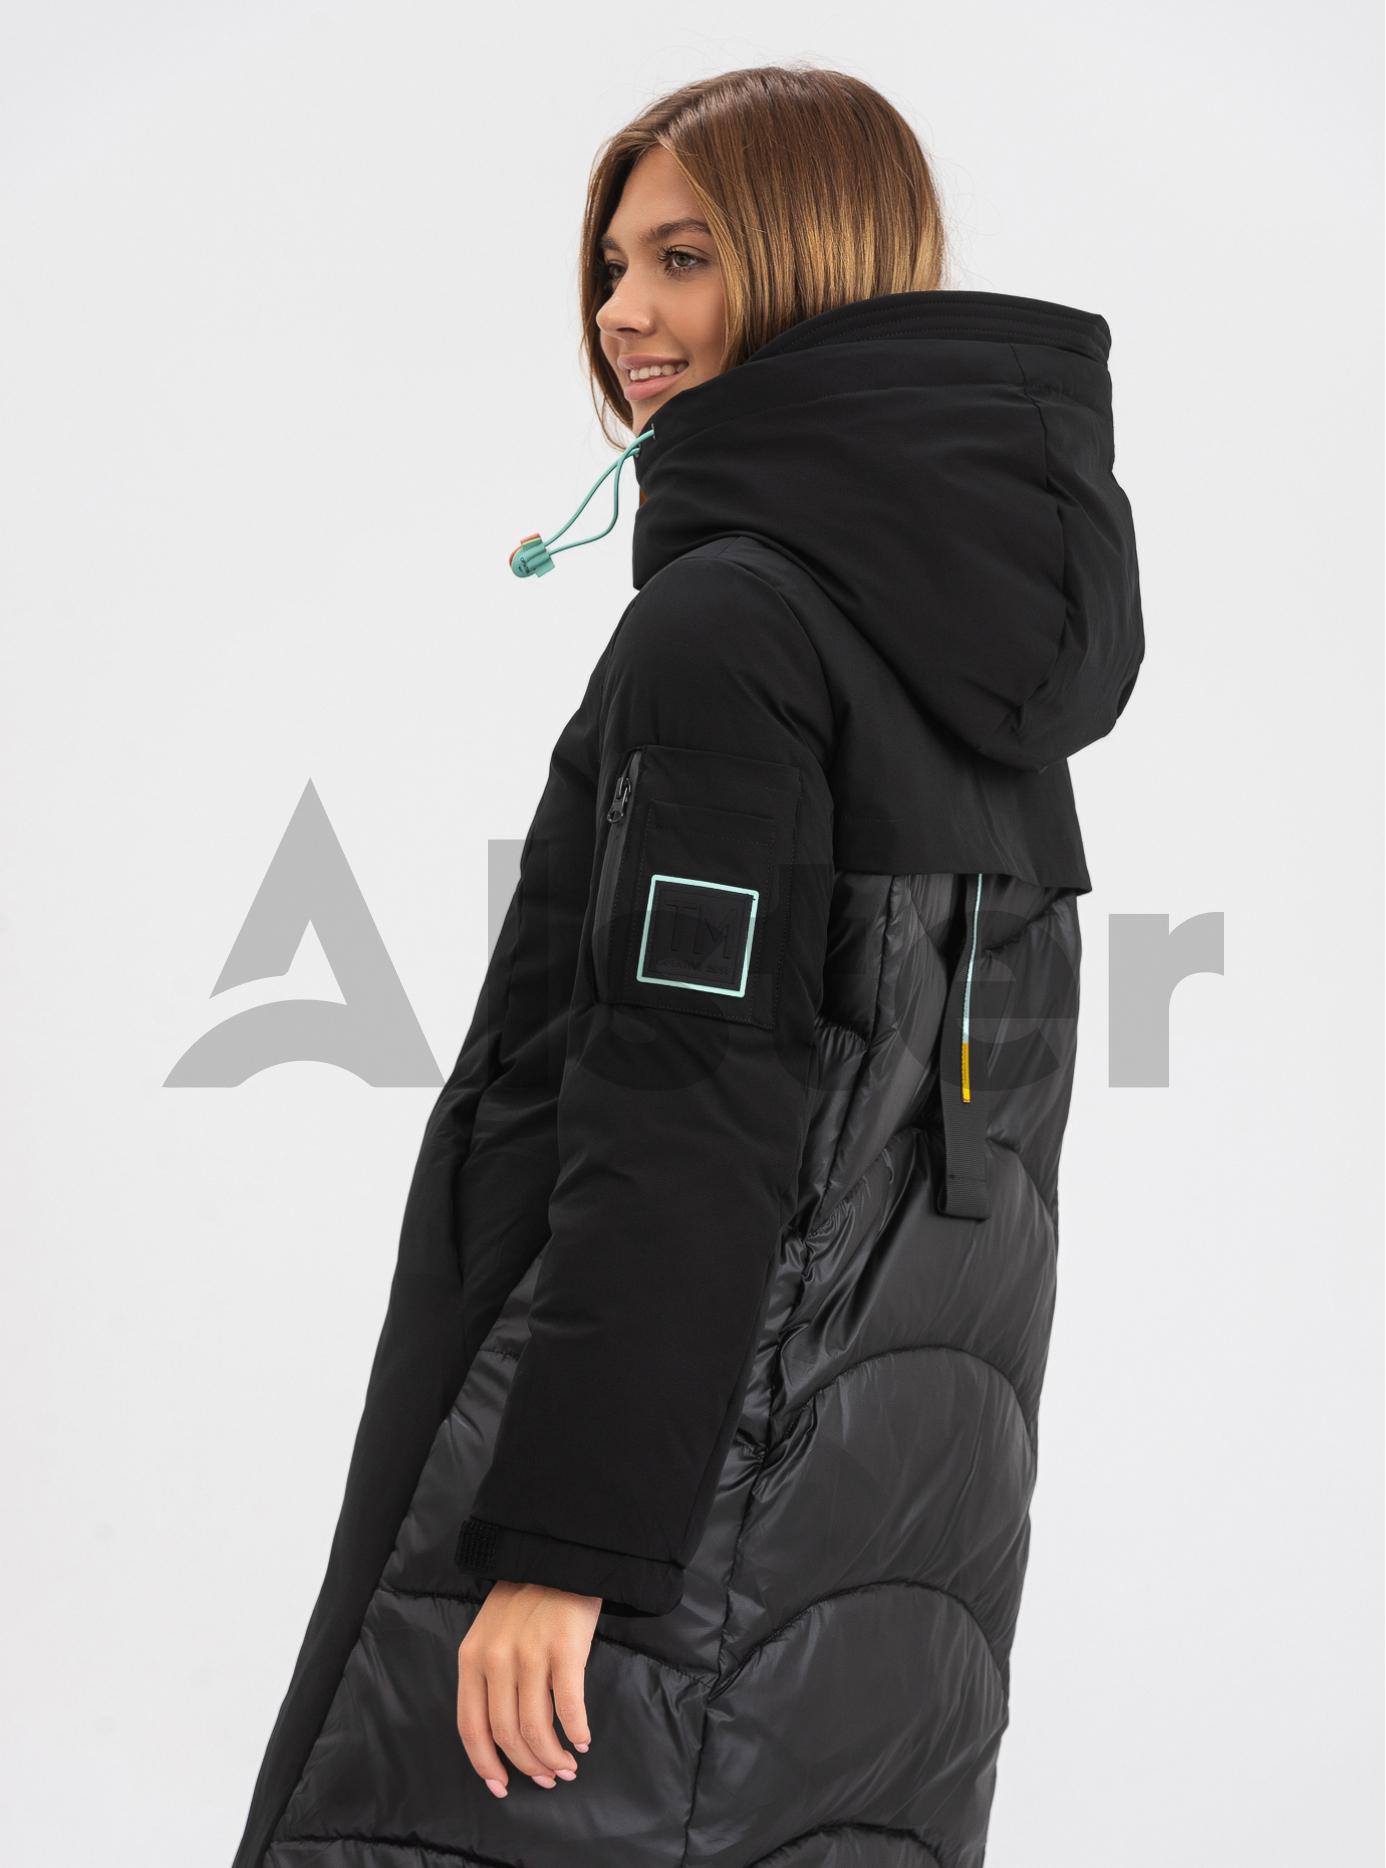 Жіноча зимова куртка середньої довжини TOWMY Чорний S (TWM3218-01): фото - Alster.ua